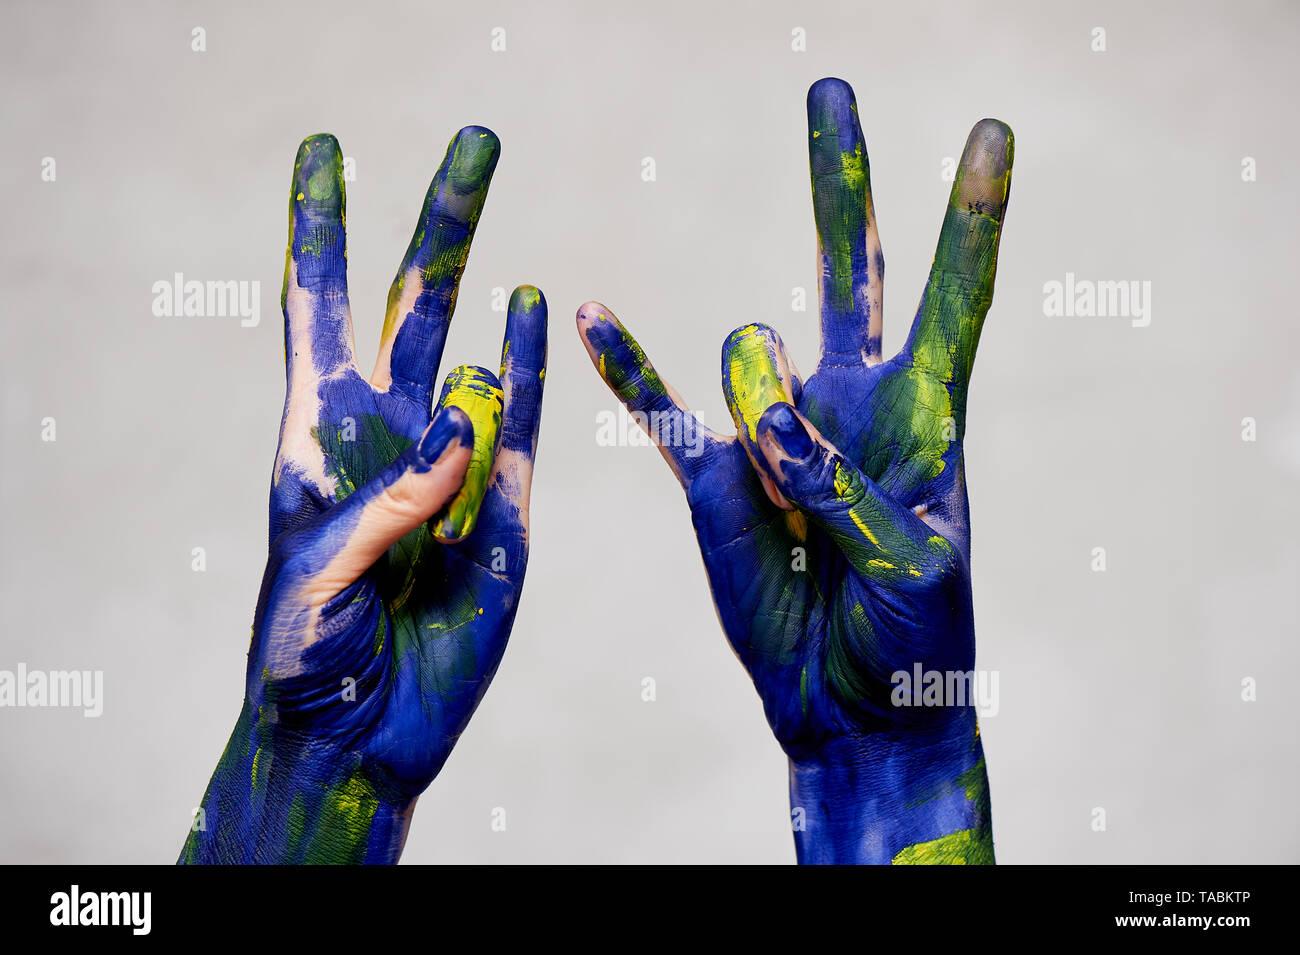 Hände in der blauen Farbe mit gelben Akzenten, Hände an den Künstler und kreative Person. Yoga für die Hände Stockbild